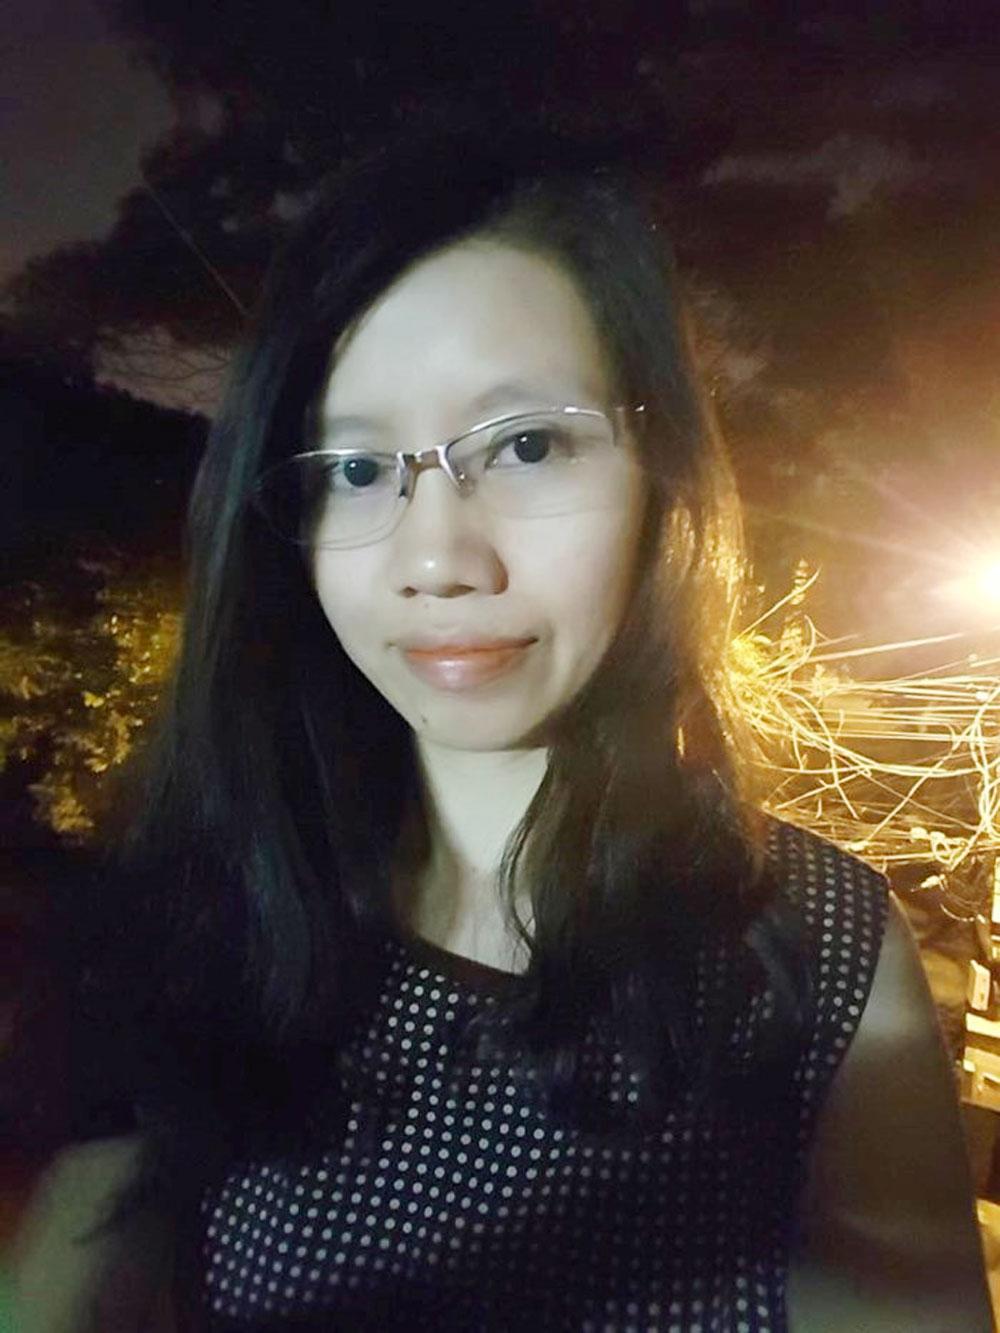 Tìm thấy, thi thể, nữ phóng viên, báo Pháp luật TP Hồ Chí Minh, bãi giữa sông Hồng